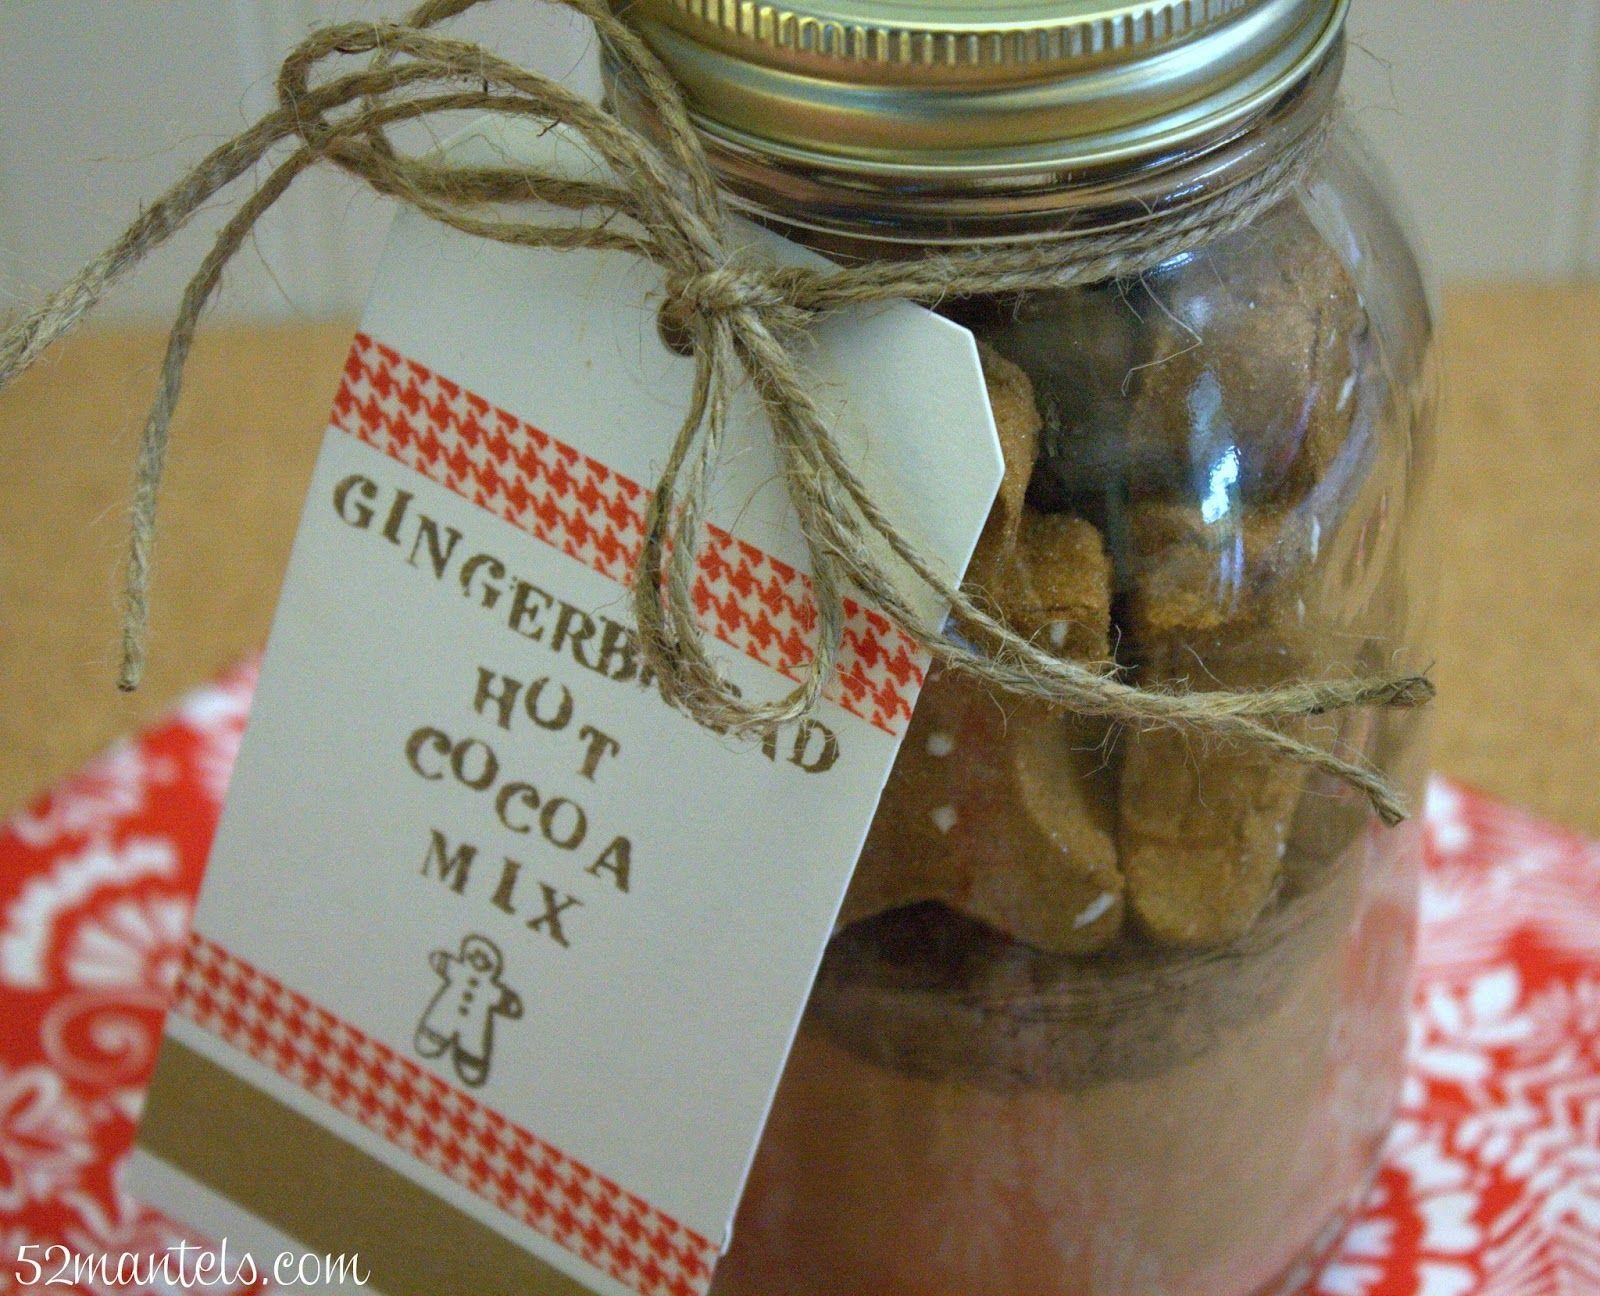 gingerbread+hot+cocoa+mix+peeps.jpg 1,600×1,296 pixels